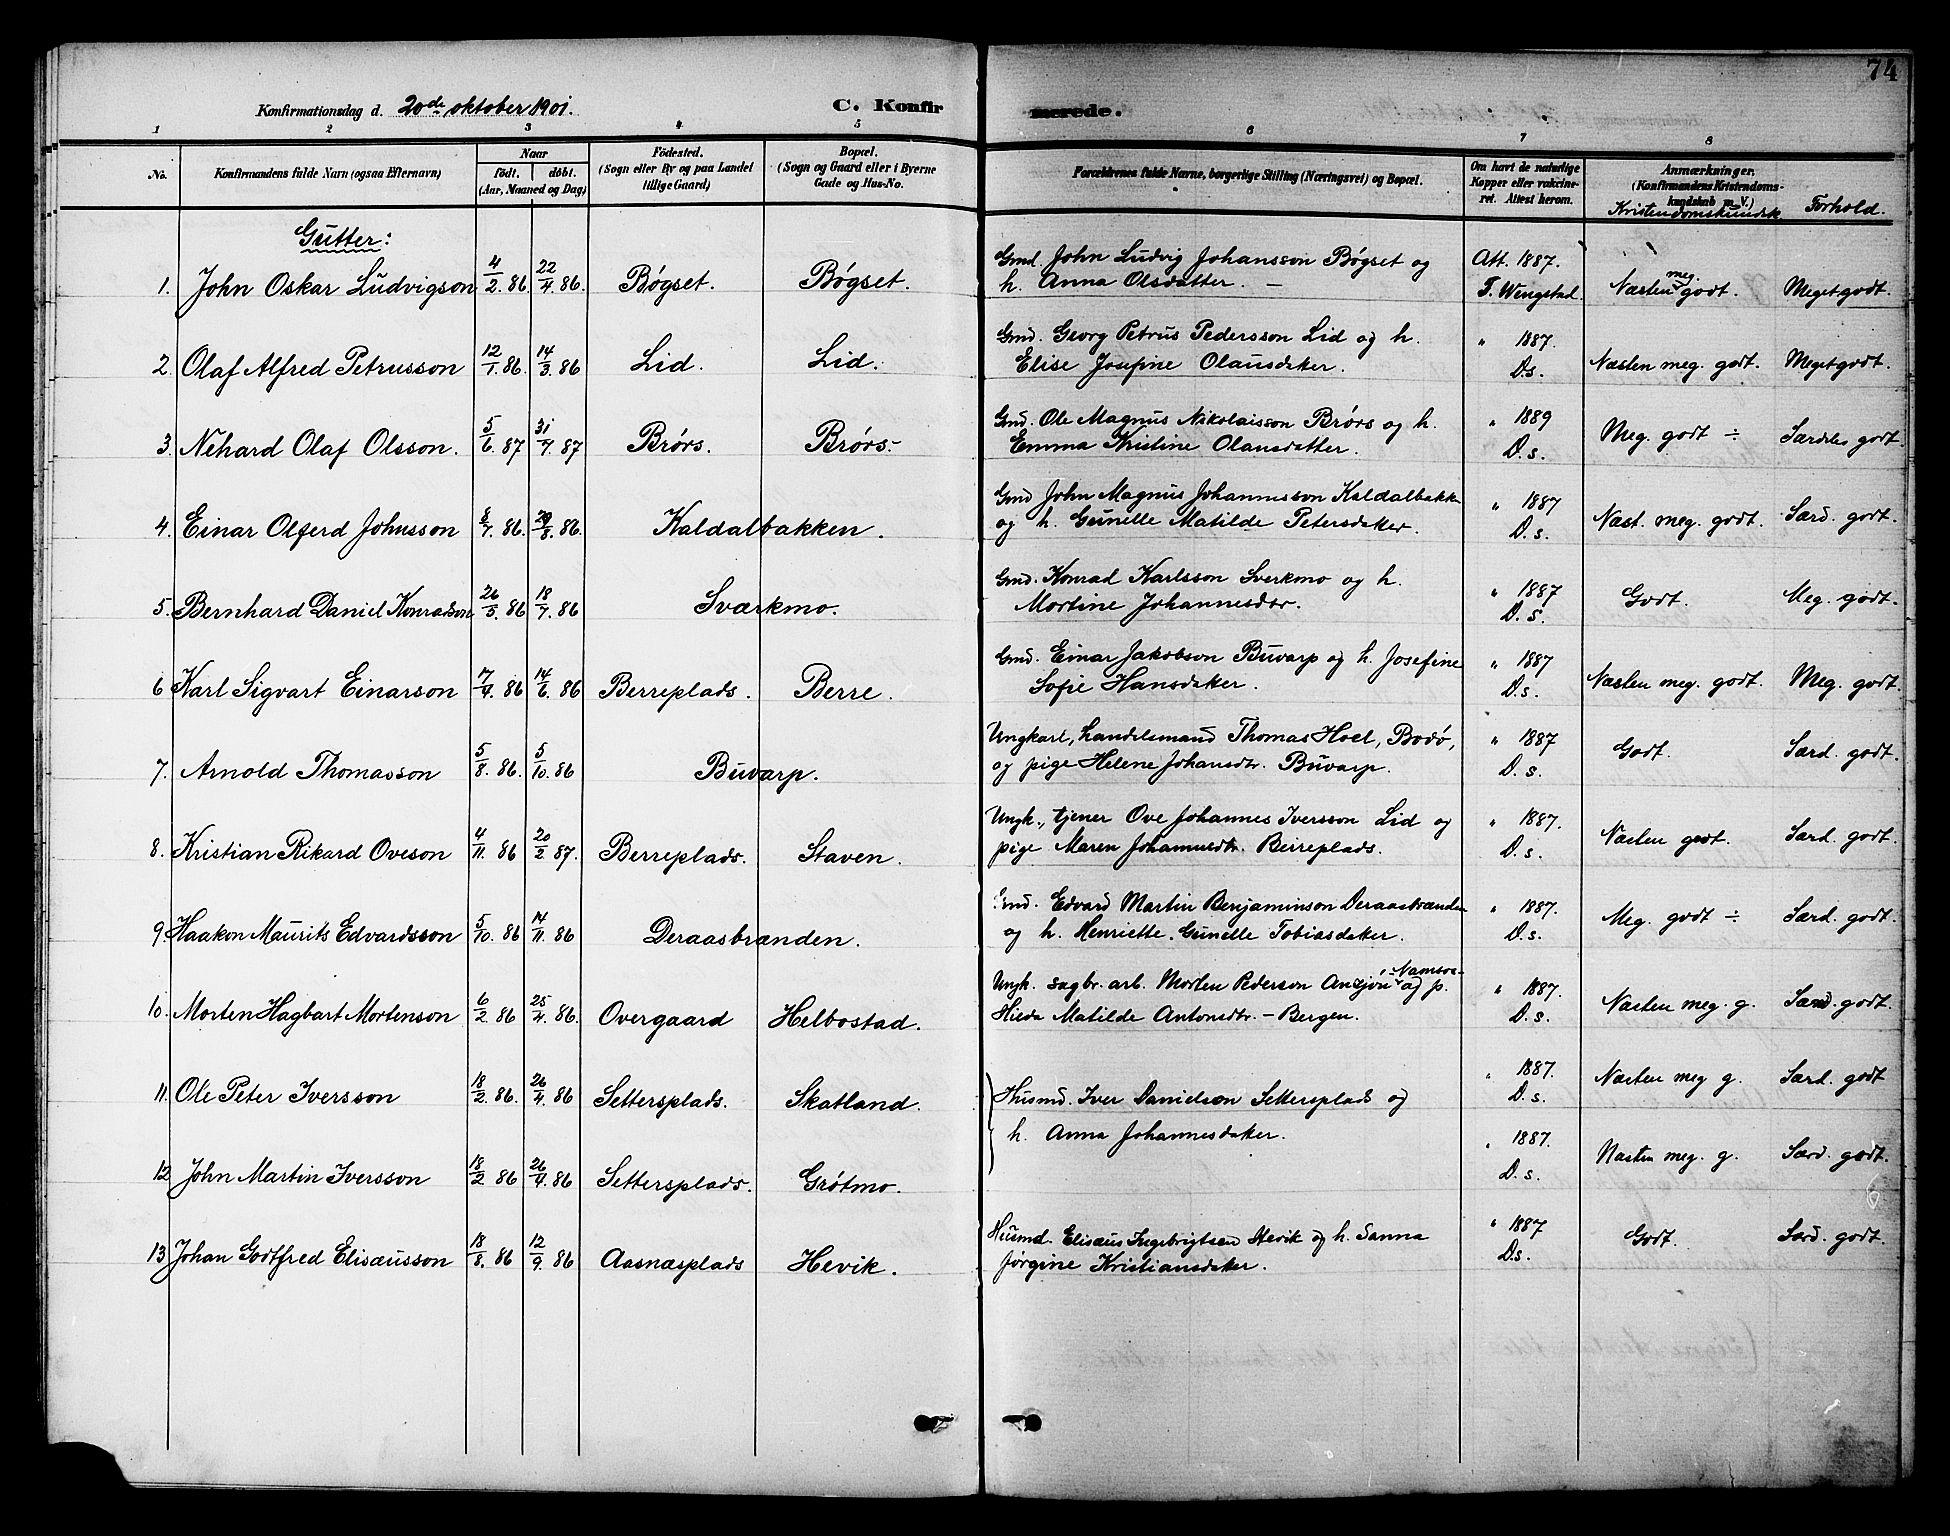 SAT, Ministerialprotokoller, klokkerbøker og fødselsregistre - Nord-Trøndelag, 742/L0412: Klokkerbok nr. 742C03, 1898-1910, s. 74